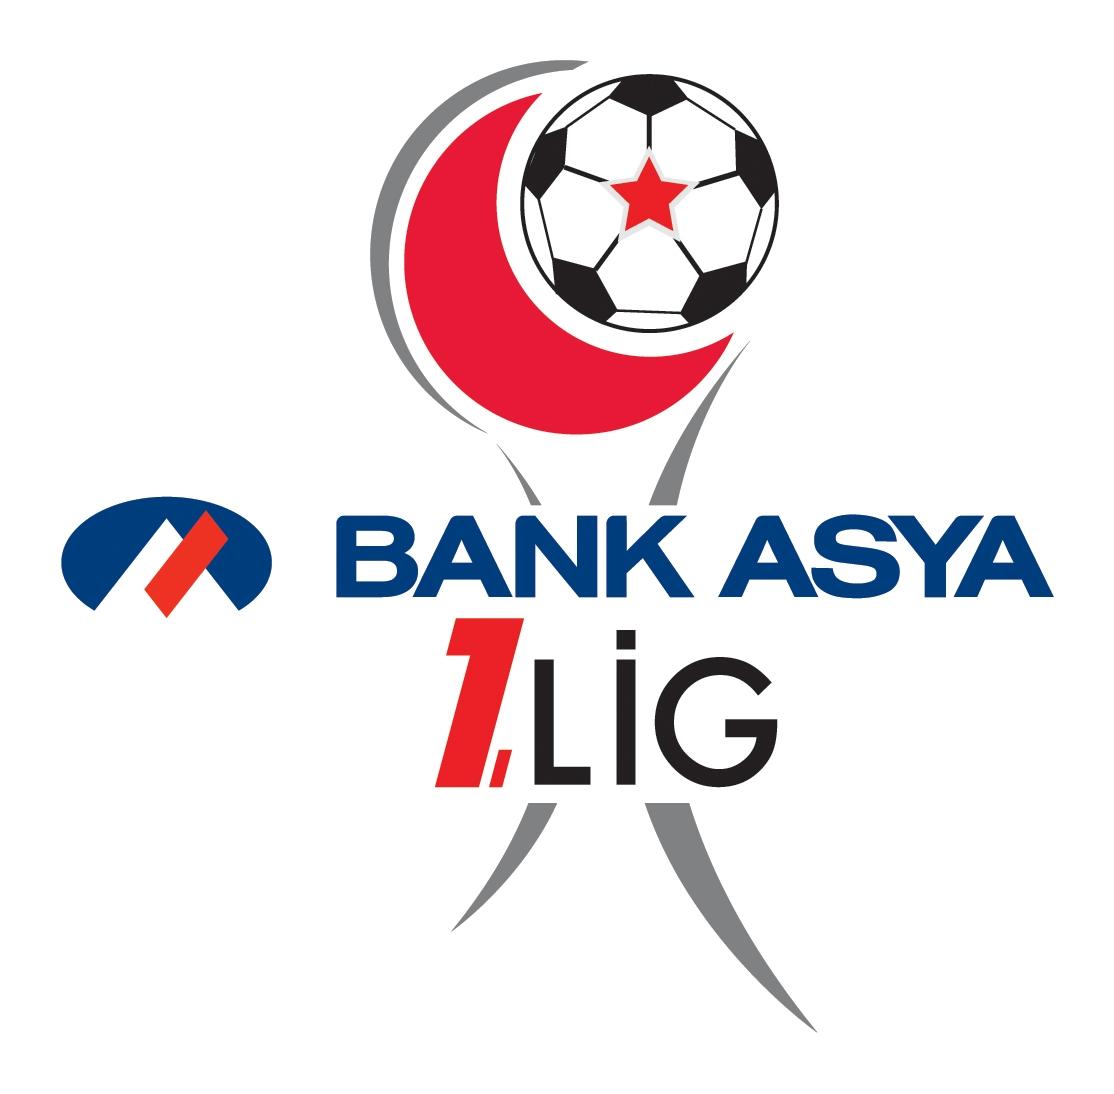 bankAsya1LigLogo.JPG